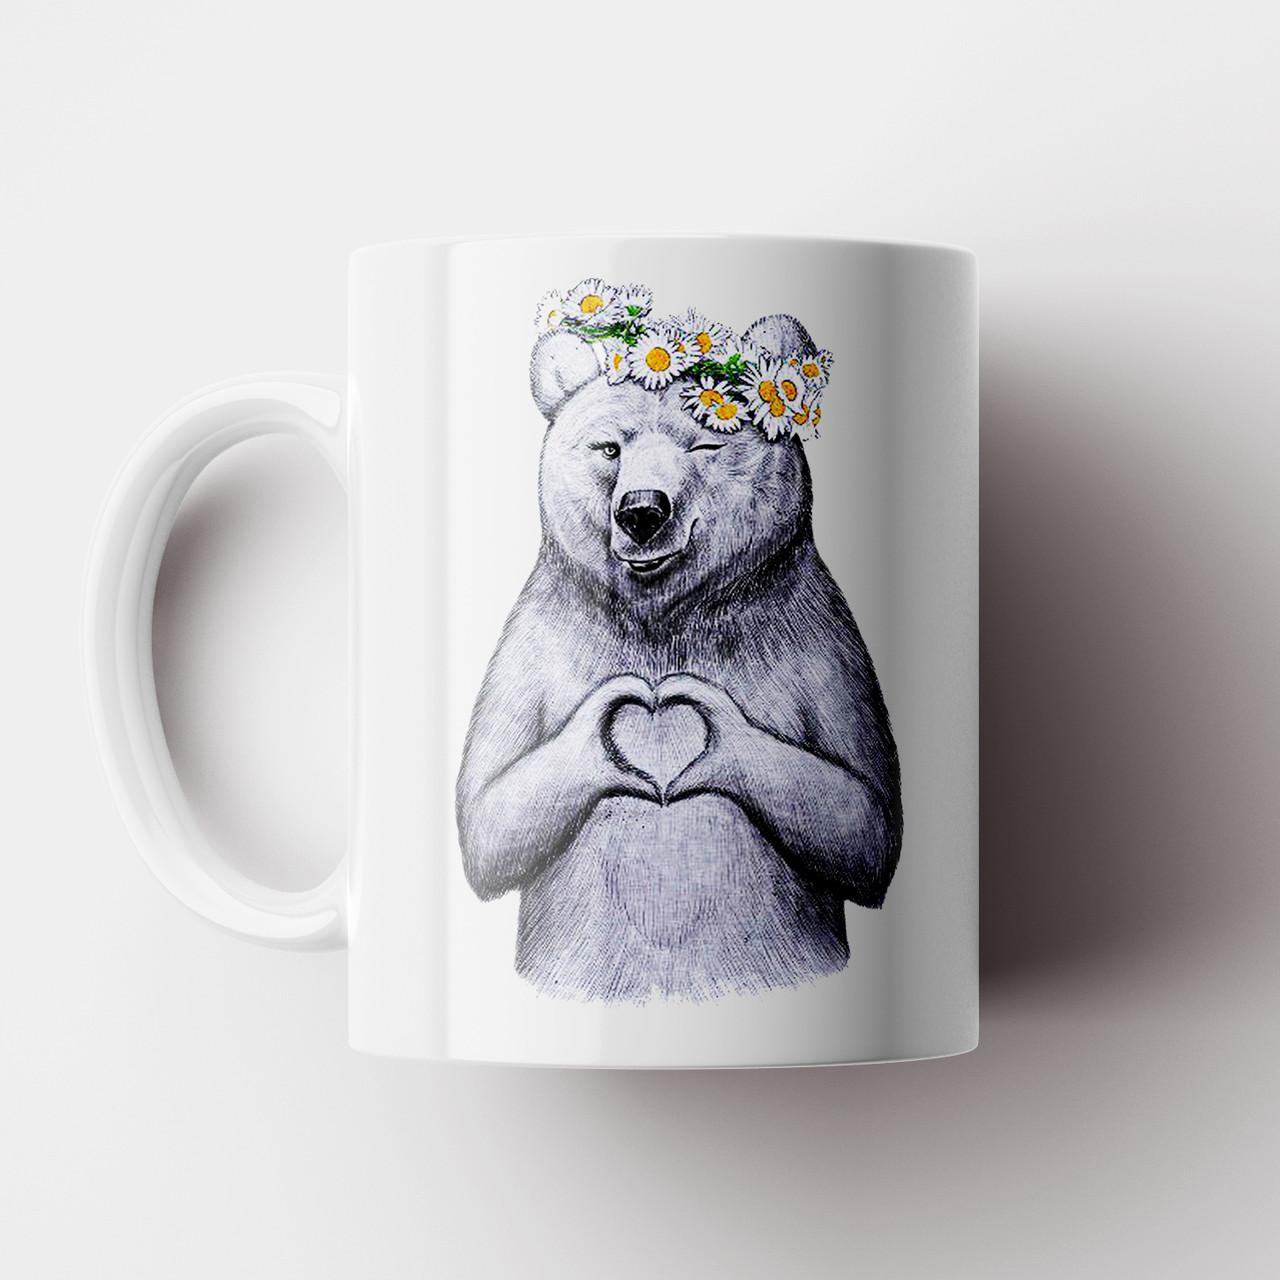 Чашка подарок любимому / любимой Мишка Love. Любовь. Чашка с фото